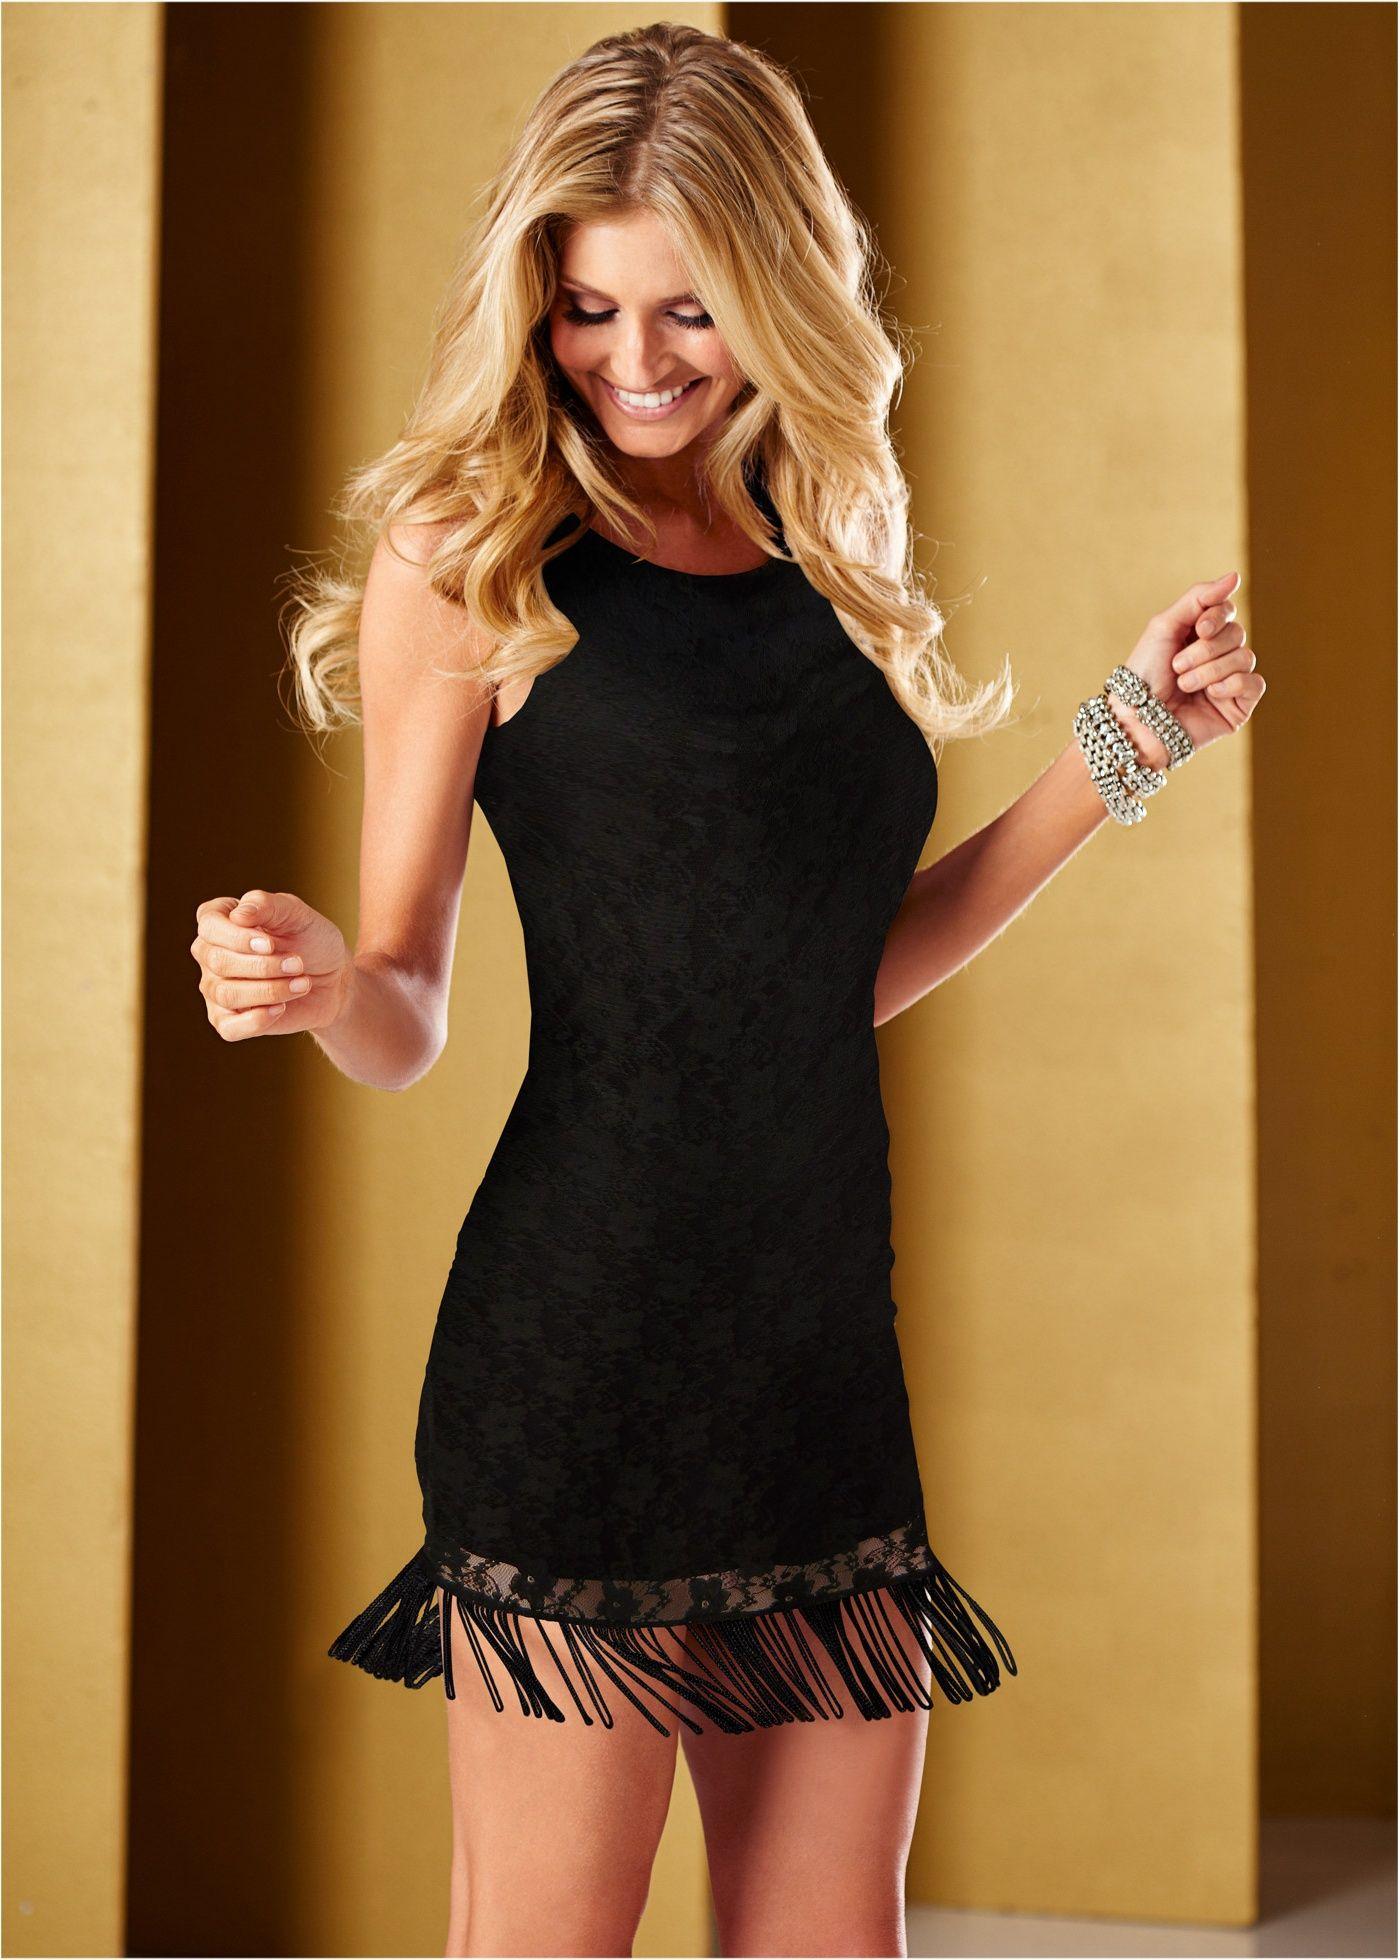 659e628c9 Vestido de renda com franjas preto encomendar agora na loja on-line  bonprix.com.br R$ 79,90 a partir de Vestido tubinho de renda com detalhe na  barra em .